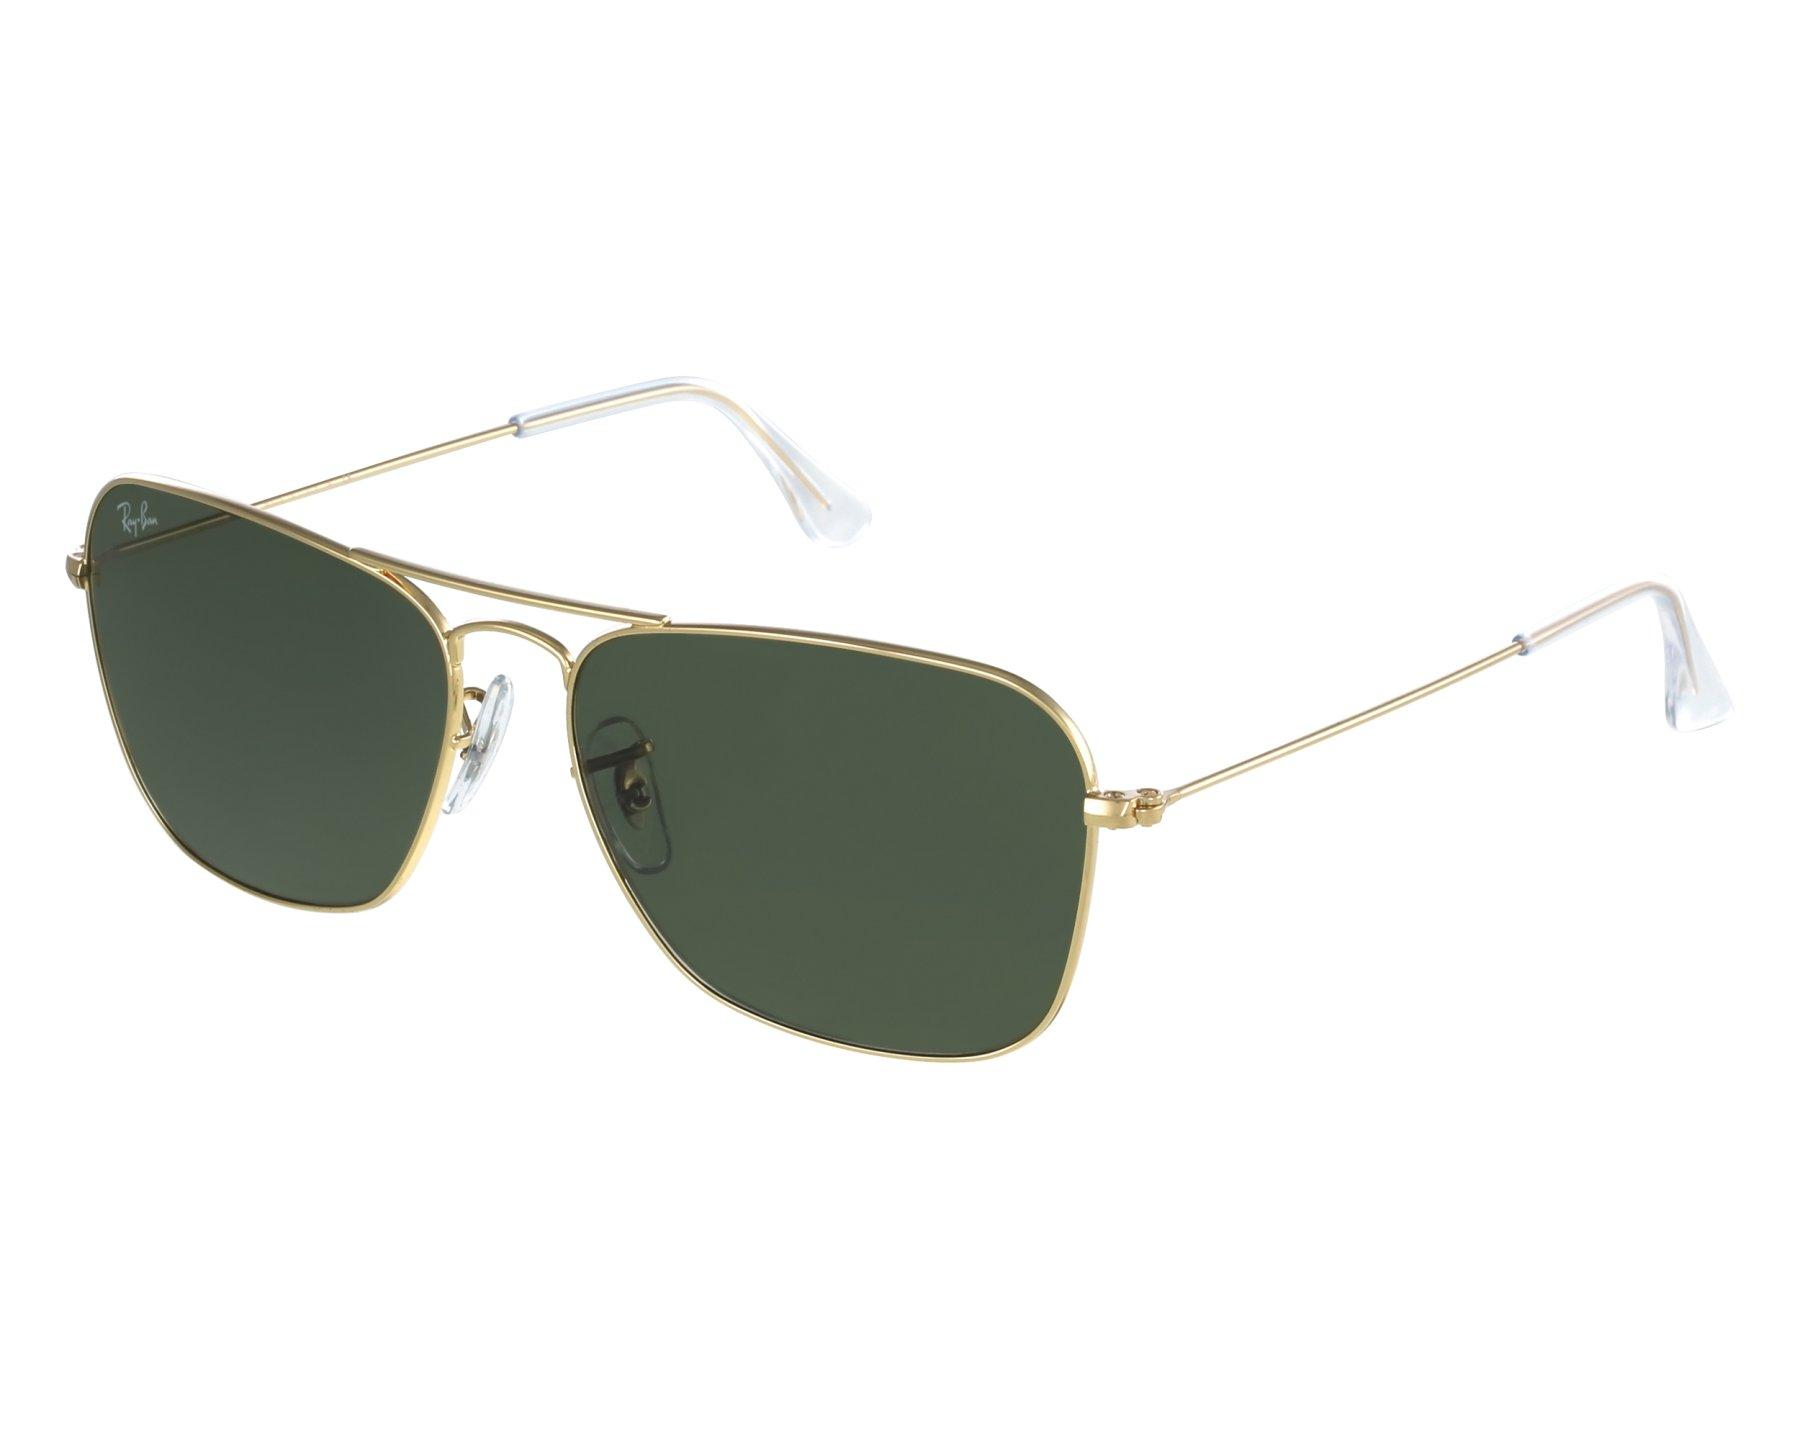 lunettes de soleil caravan de ban en rb 3136 001